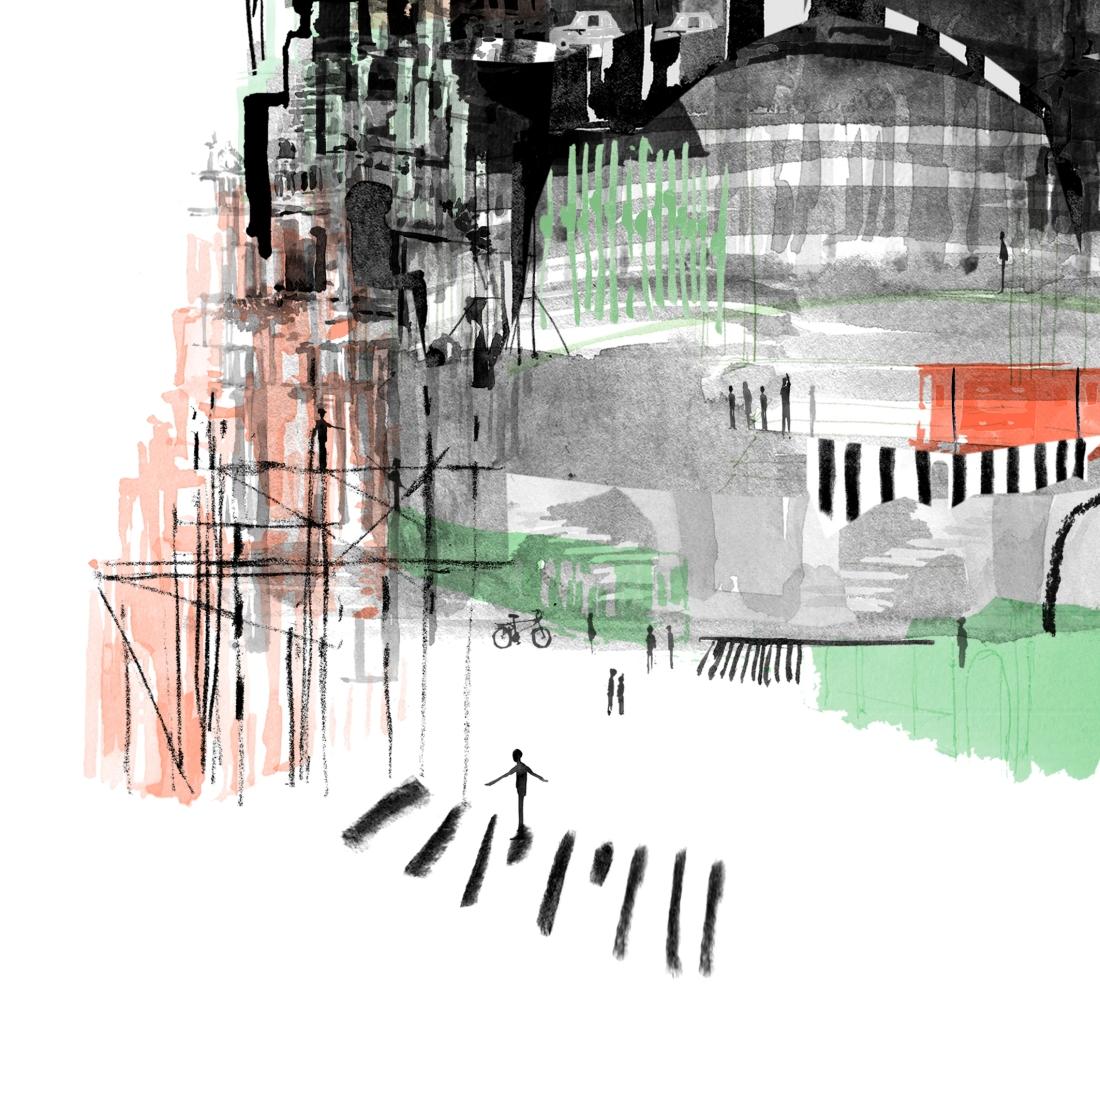 1. joannalayla_prizeforillustration_londontransport_2